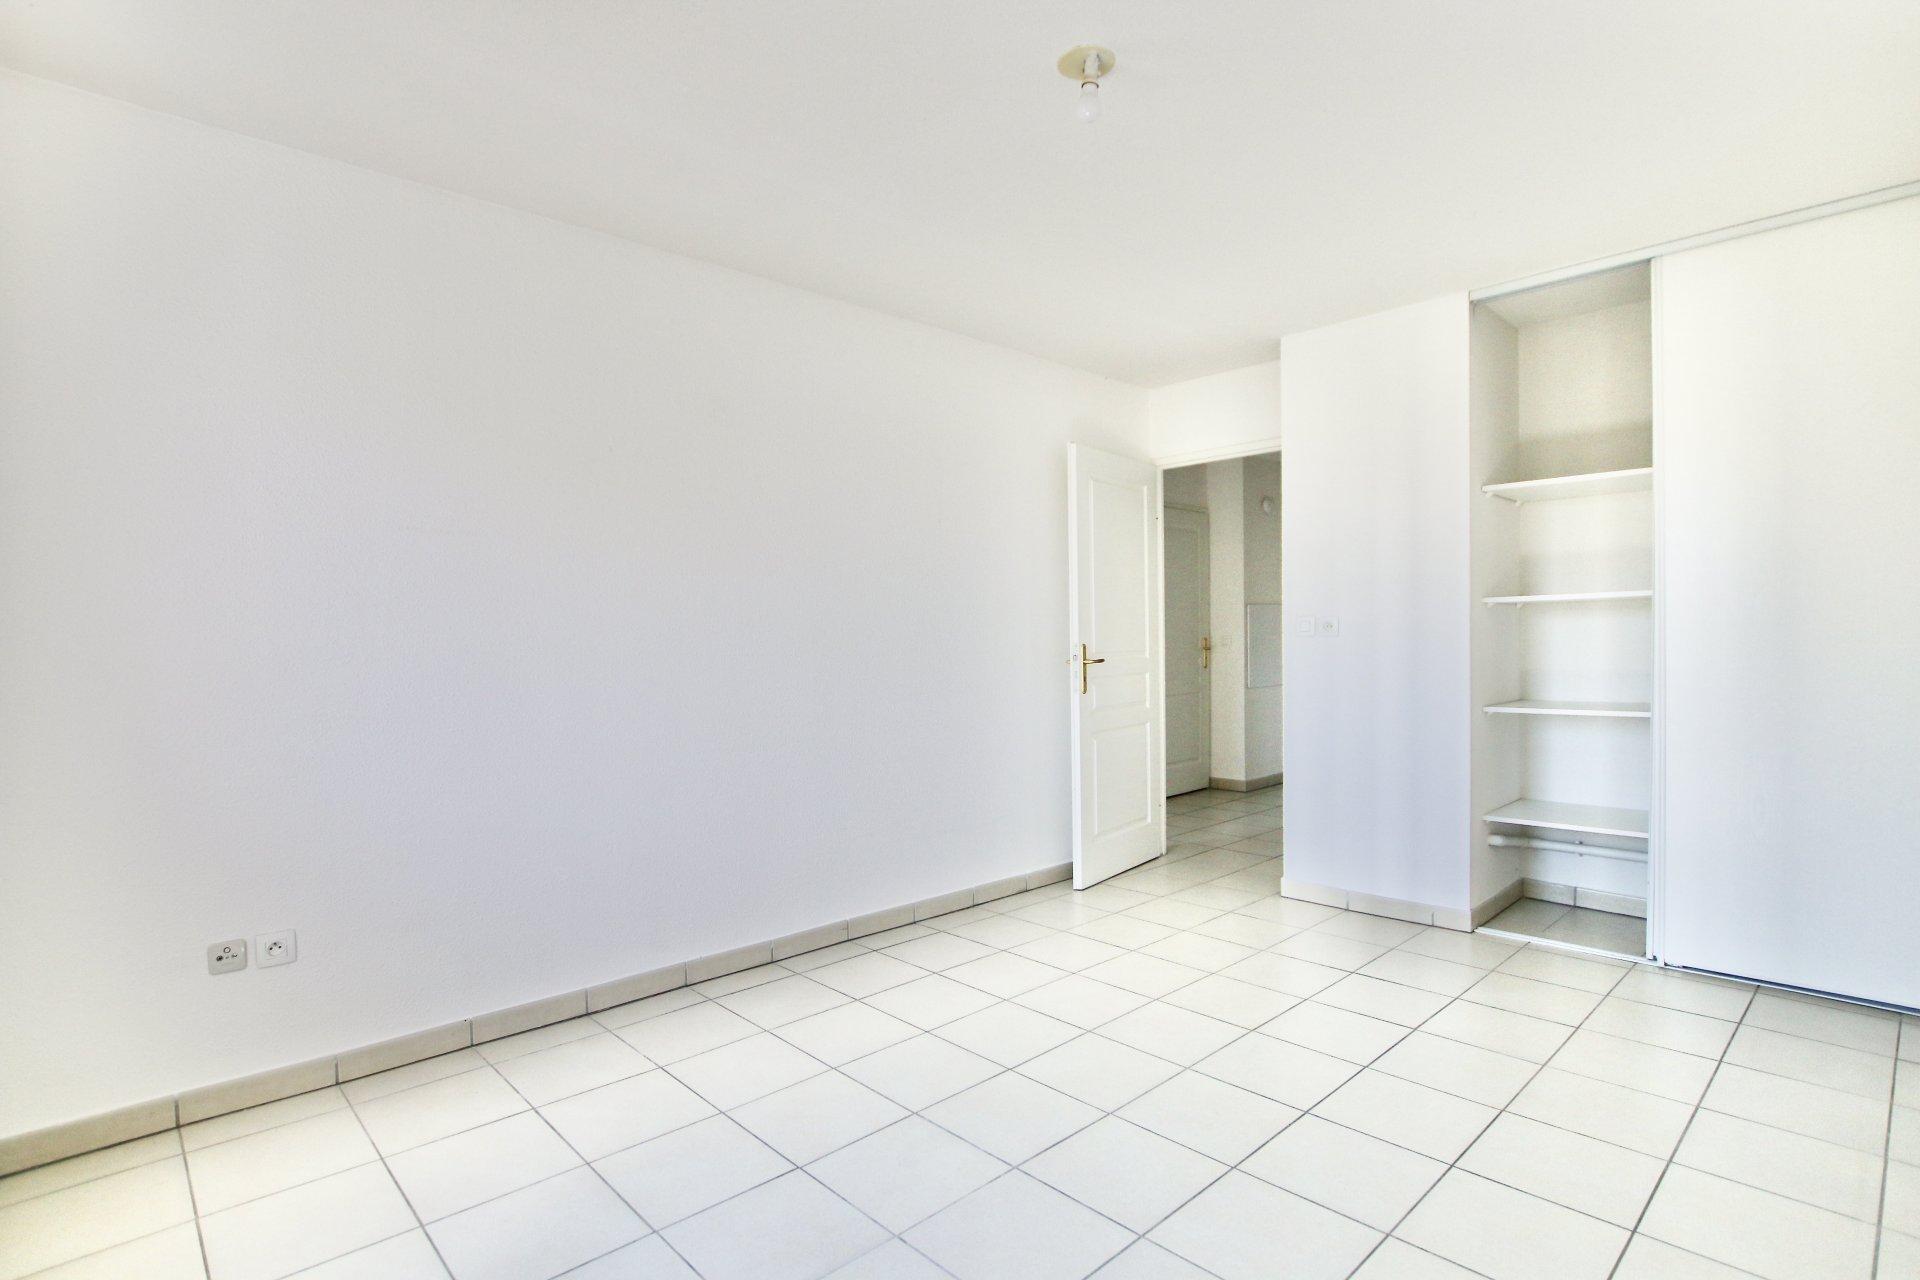 Appartement T3 de 65m2 - Bord de Garonne - Ascenseur + parking